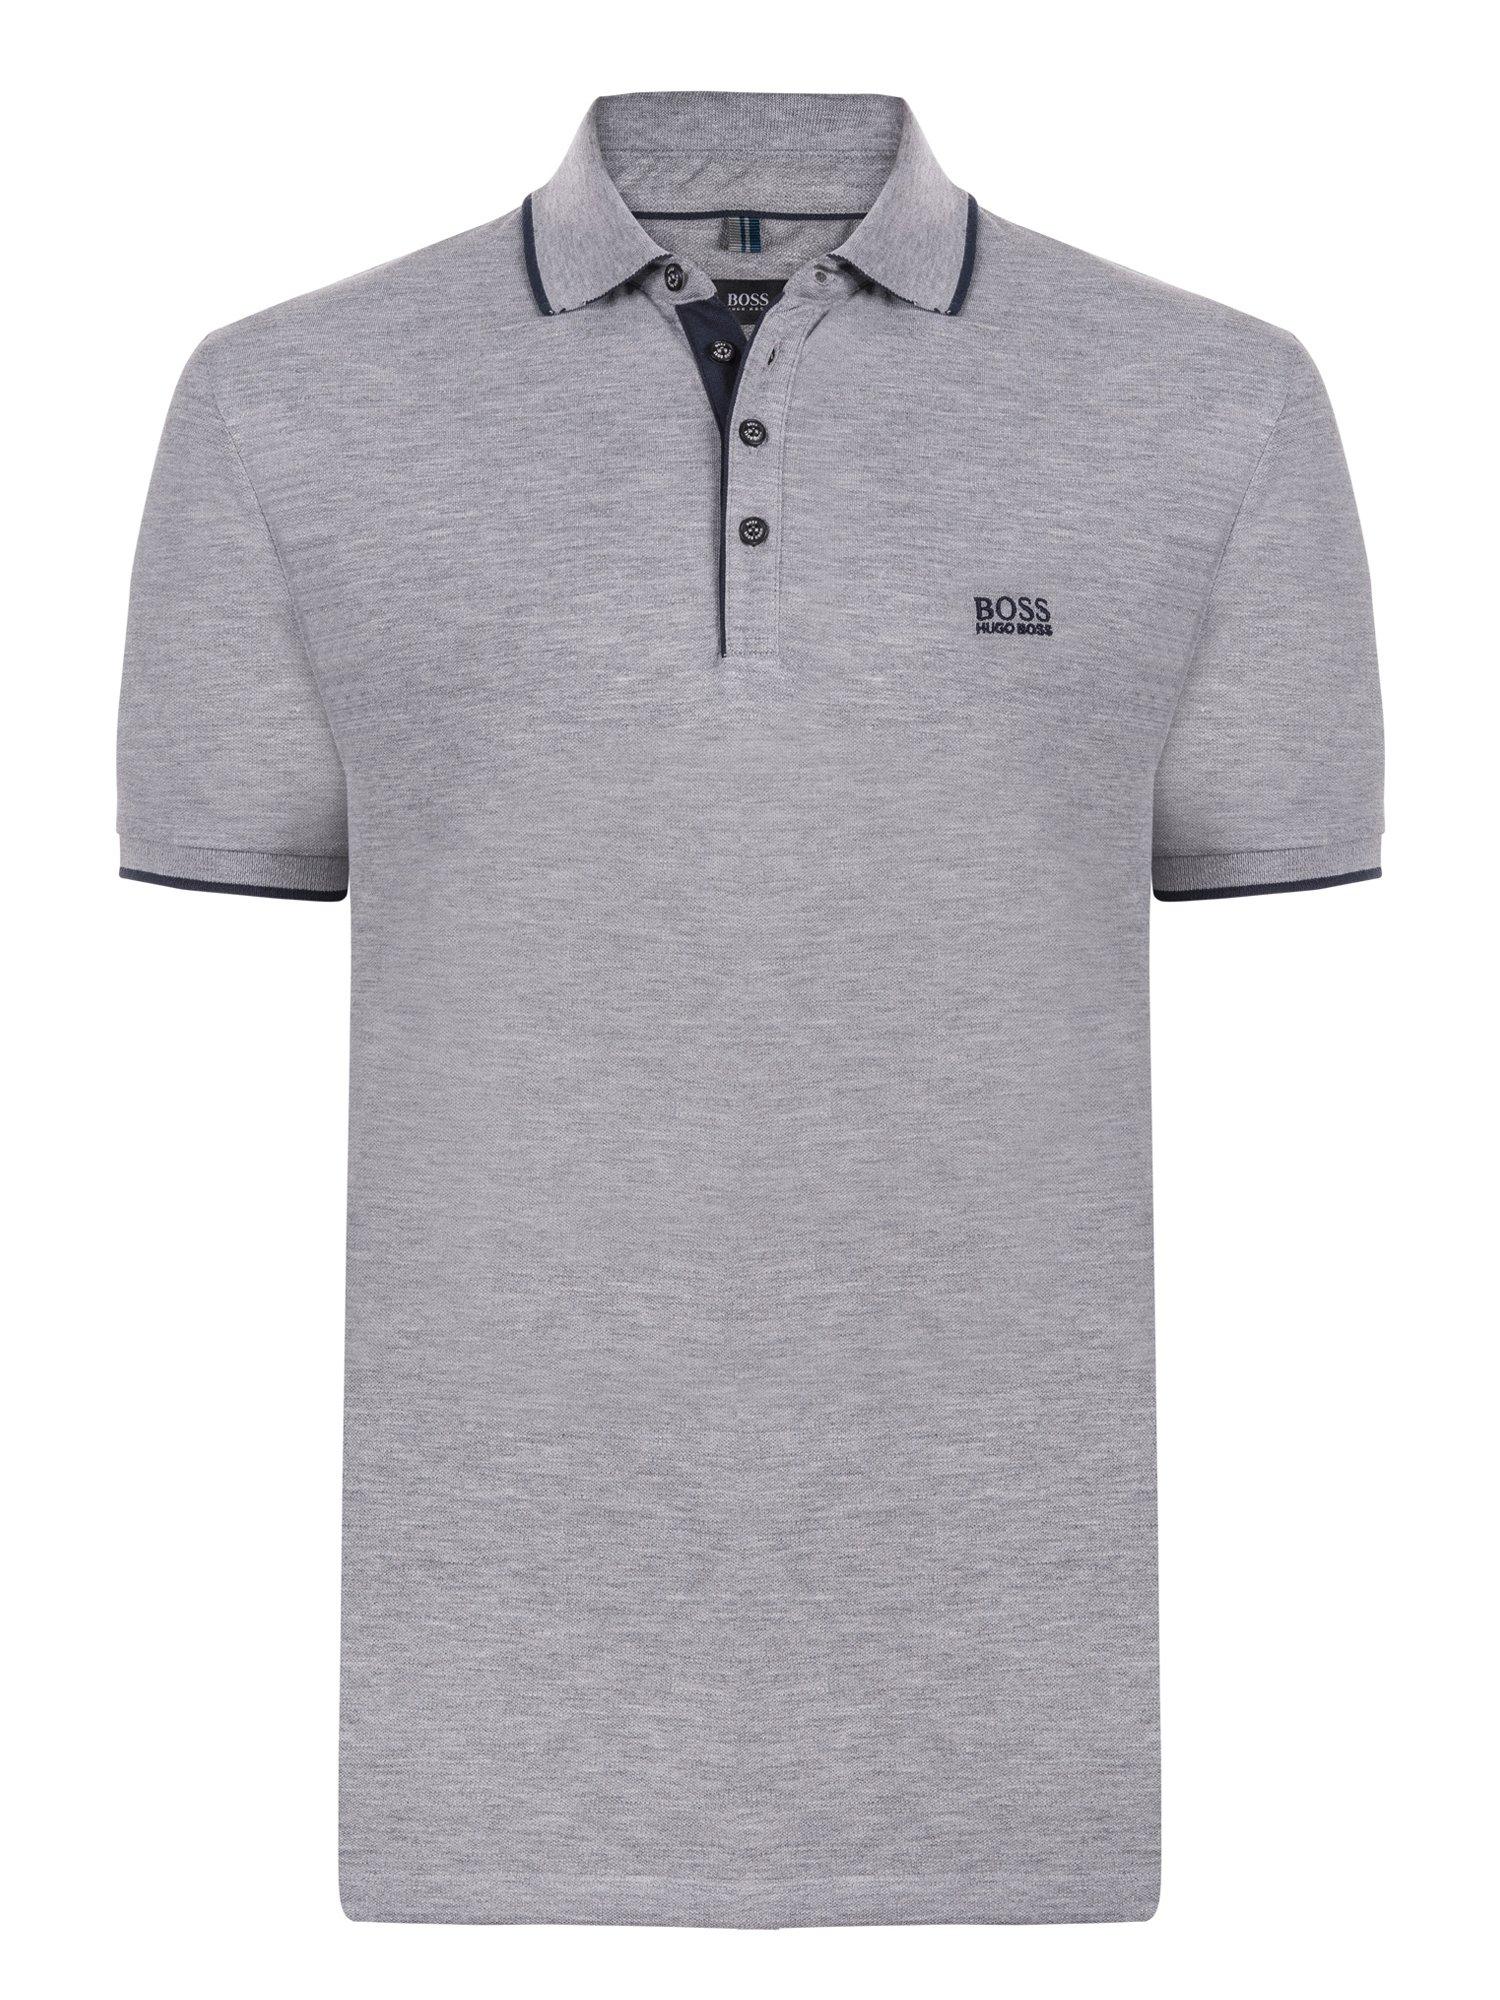 2e5c7a912 ... Hugo Boss Grey Cotton Logo Short Sleeve Polo Shirt XL. nextprev.  prevnext